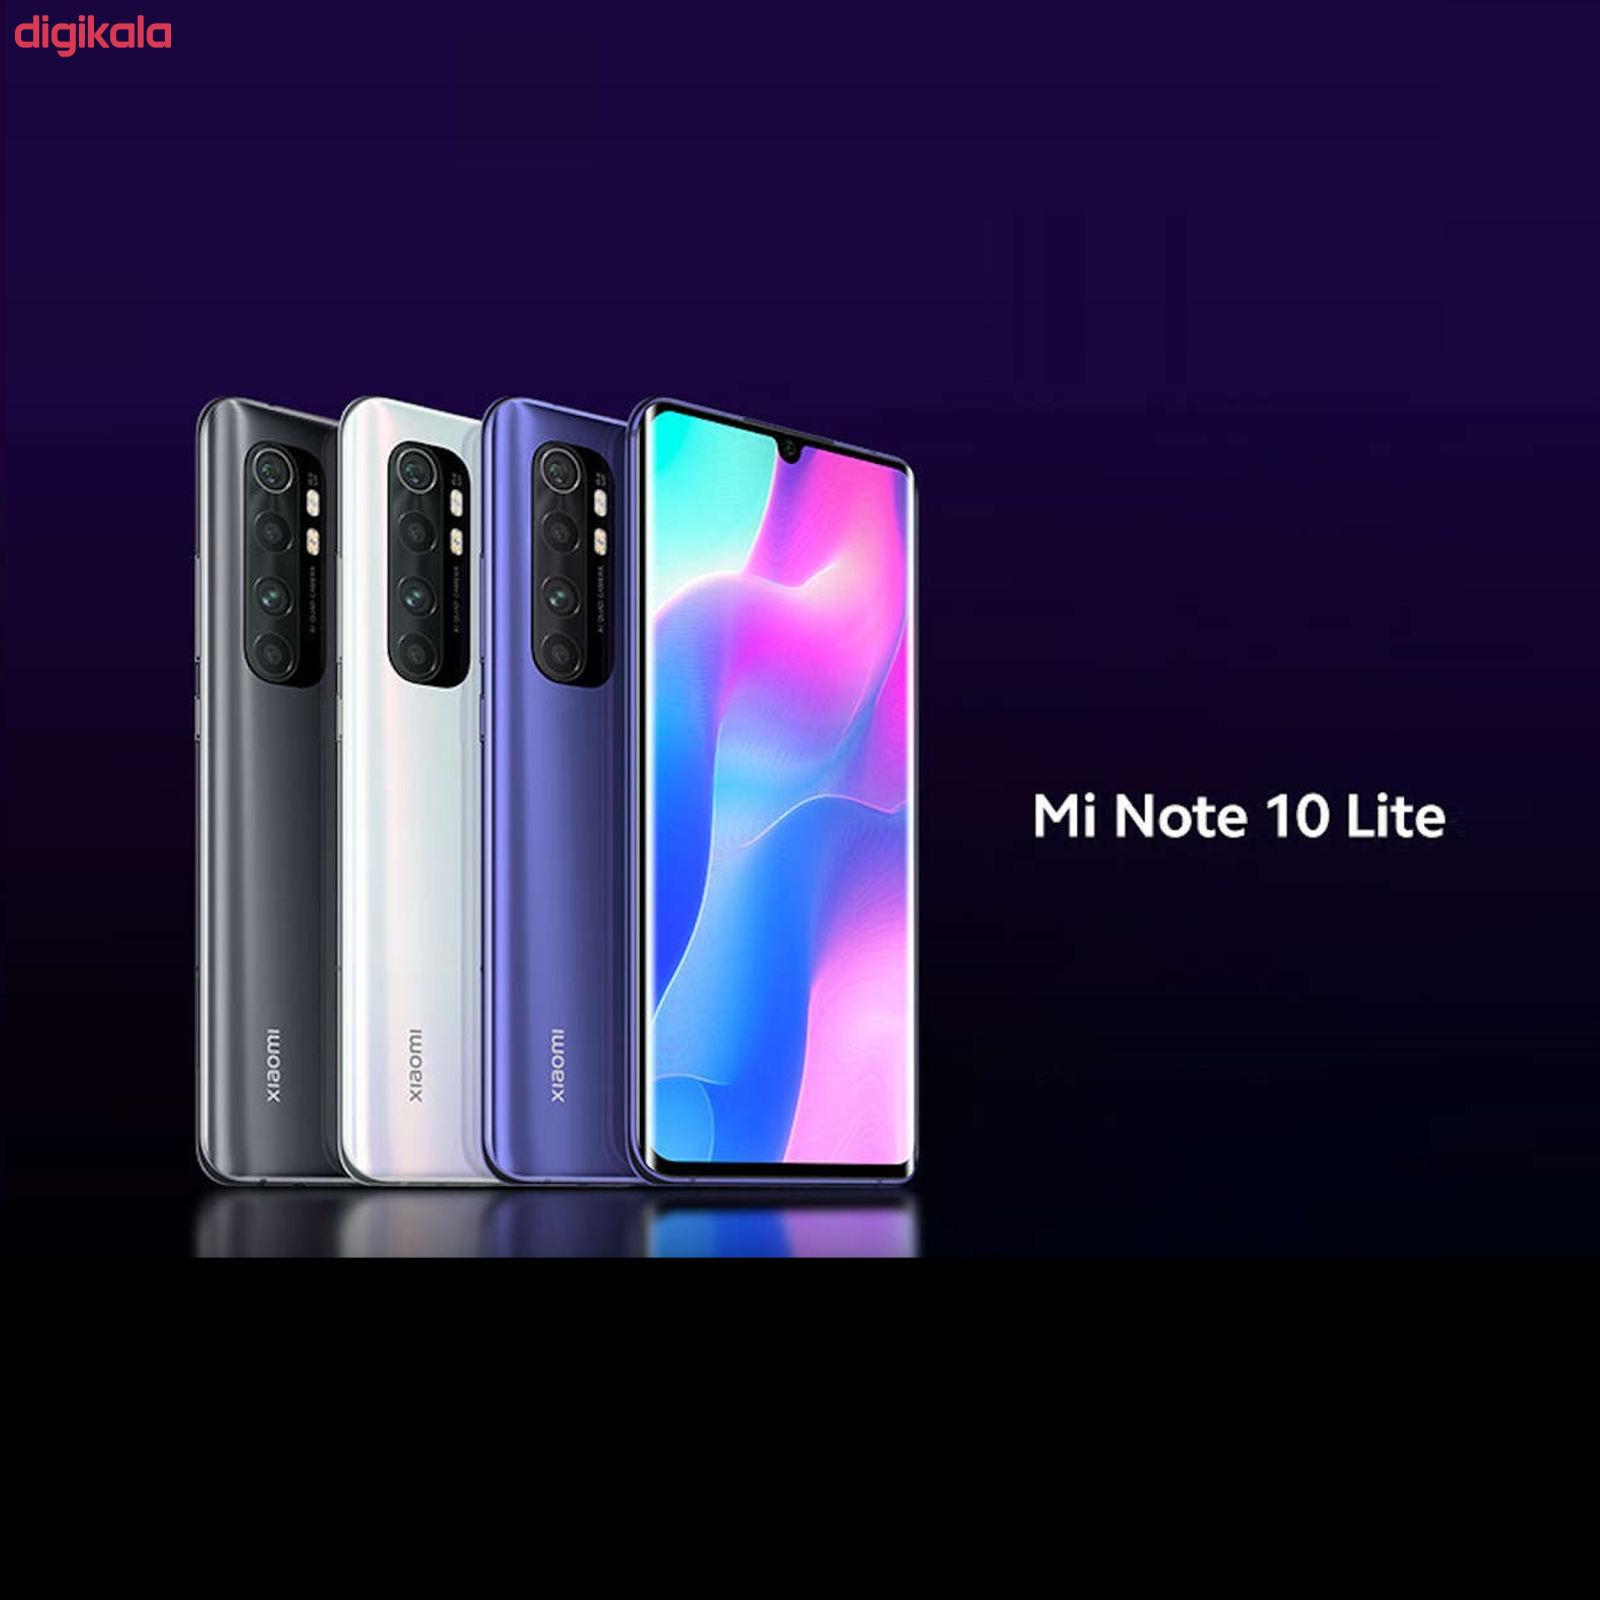 گوشی موبایل شیائومی مدل Mi Note 10 Lite M2002F4LG دو سیم کارت ظرفیت 128 گیگابایت main 1 13